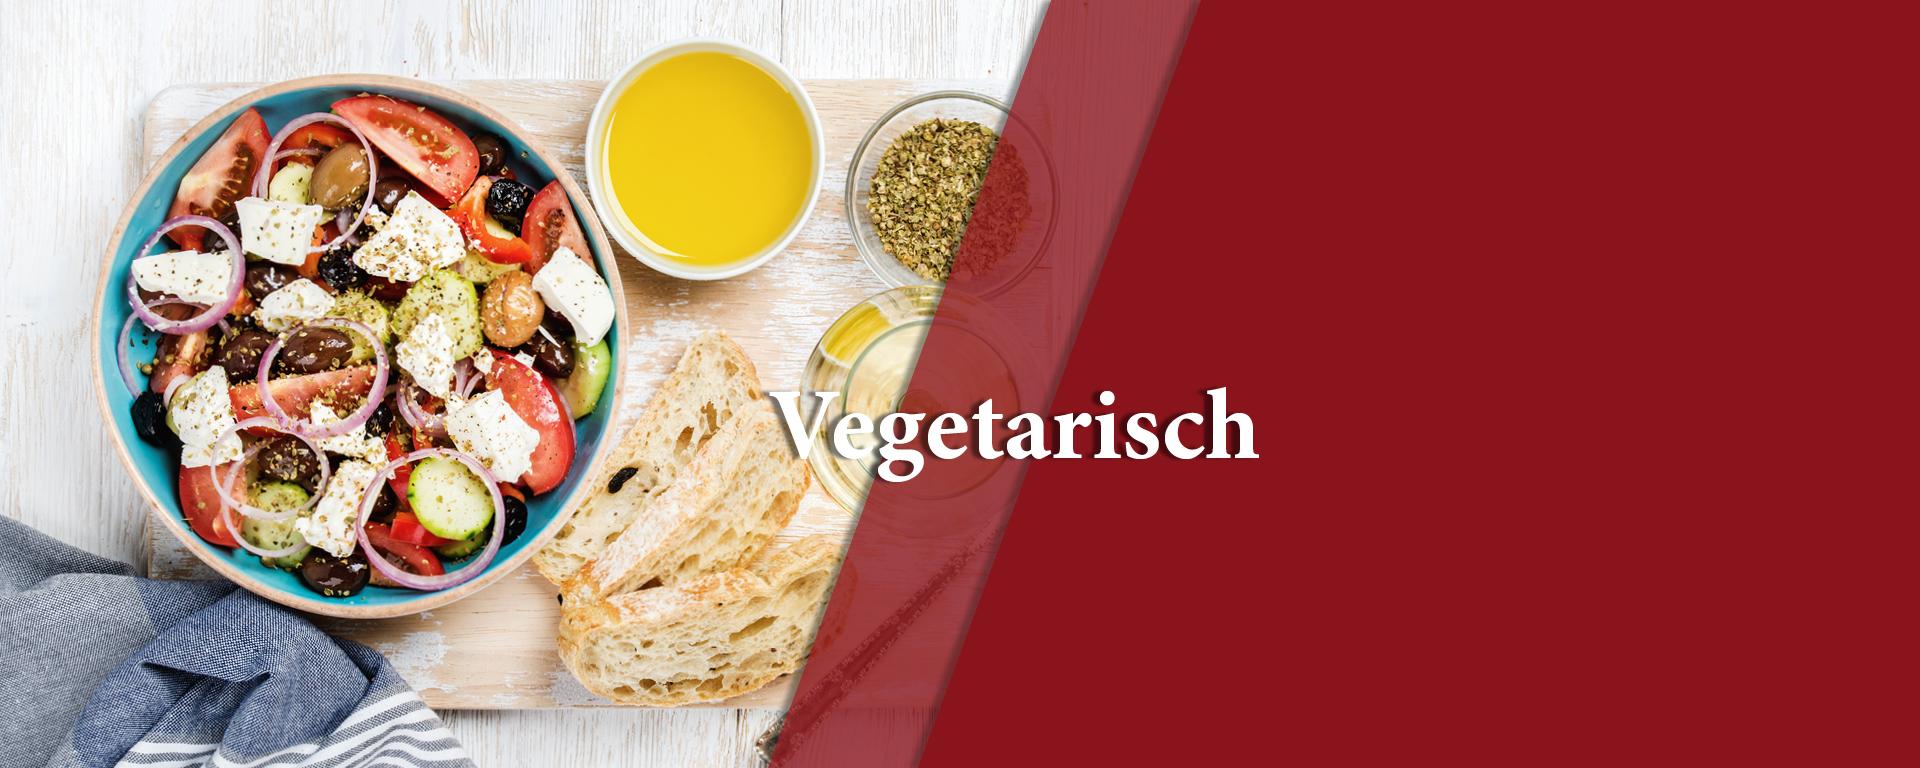 Kornwestheim, Vegetarisch, Grichisch, Essen